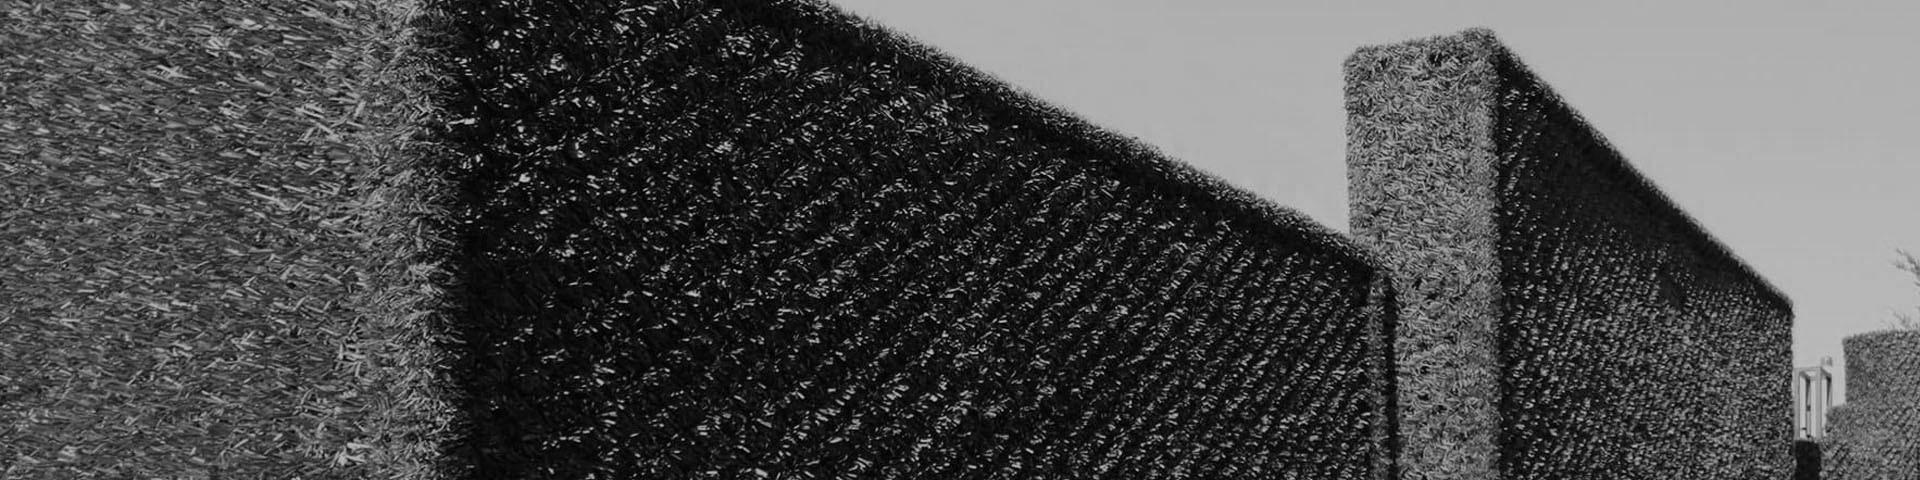 Anciens modèles de haies artificielles - accessoires - brise-vues